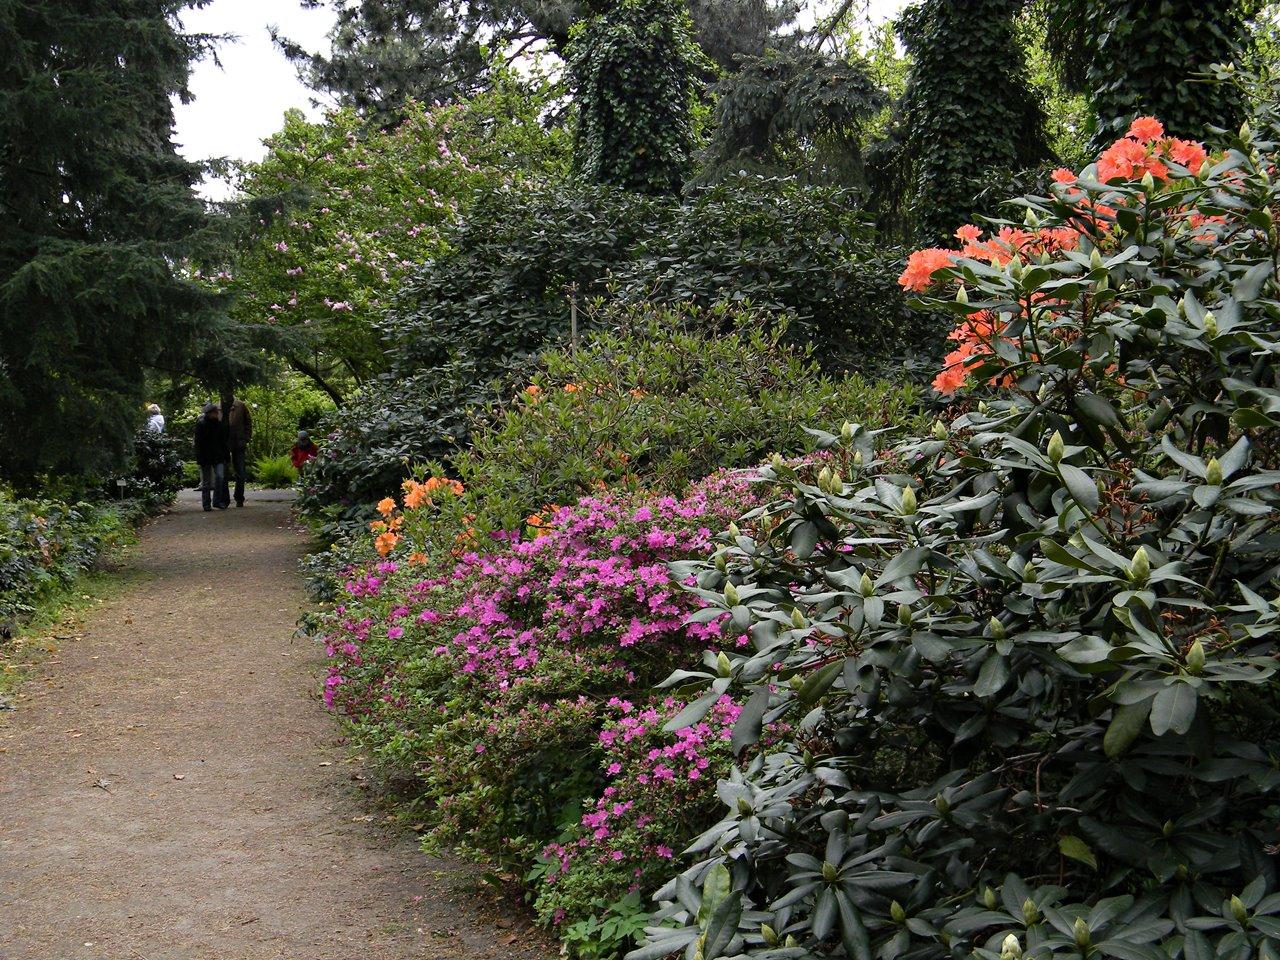 krzewy, drzewa, kwiaty, Kórnik, zwiedzanie